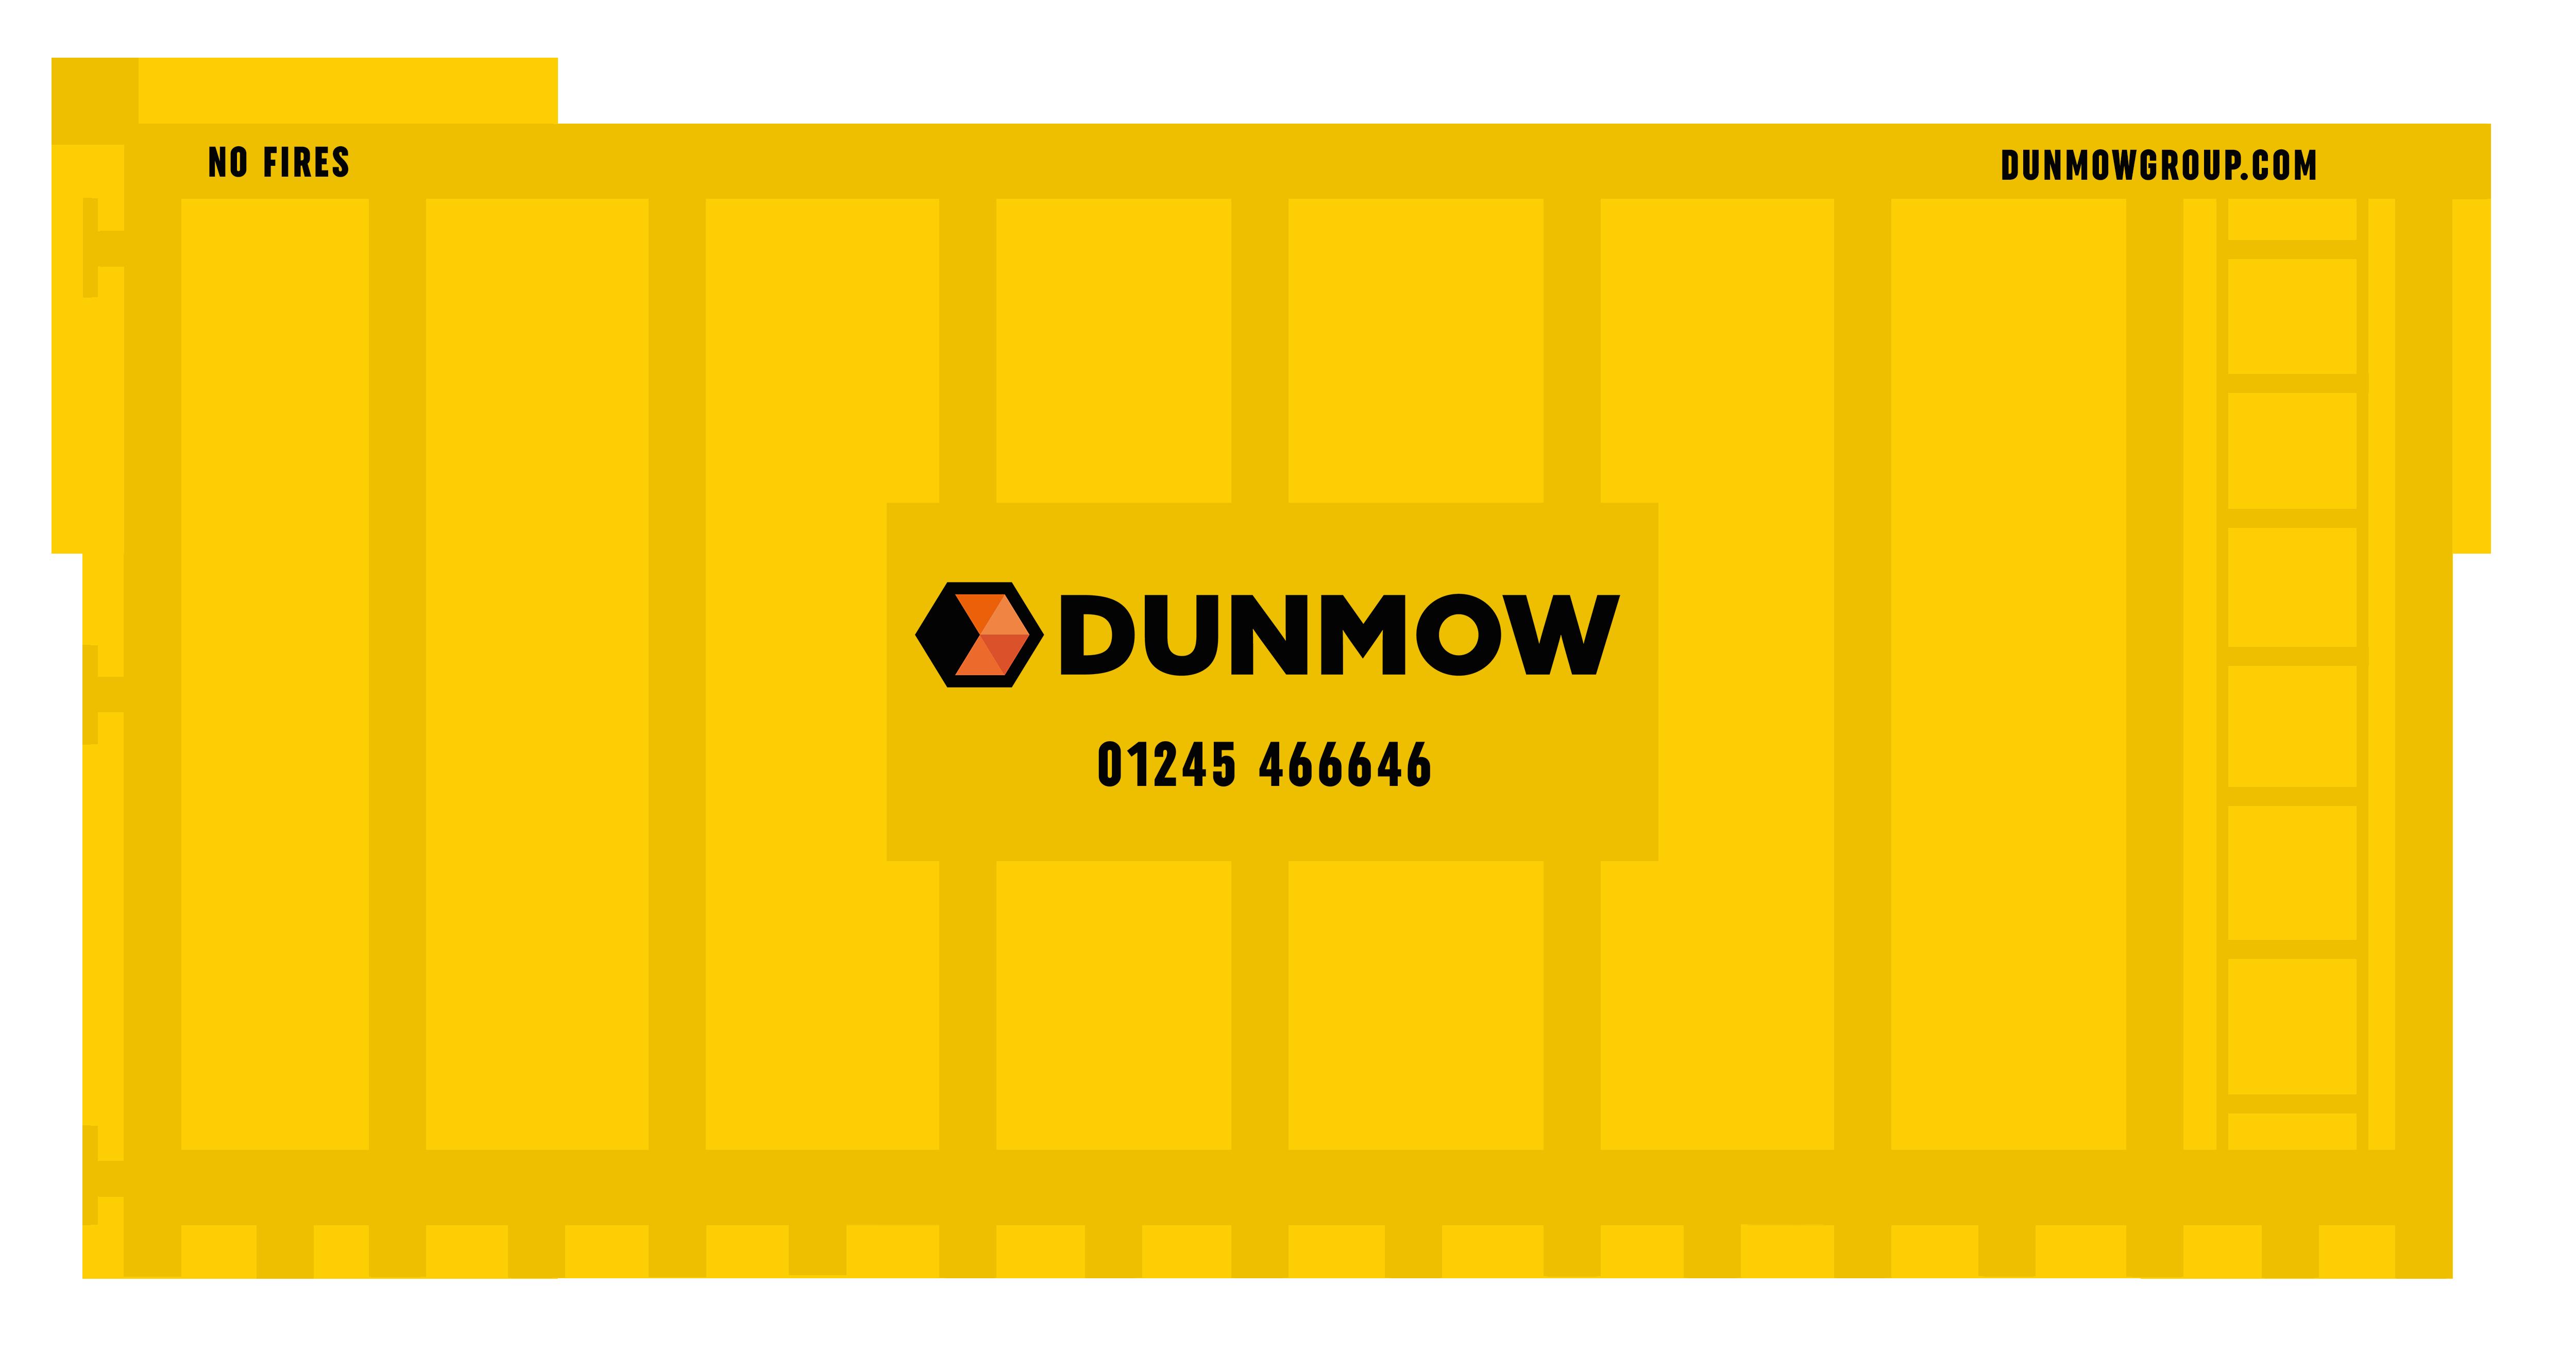 Dunmow RORO Illustration 40 YardDunmow-RORO-Illustration-40-Yard